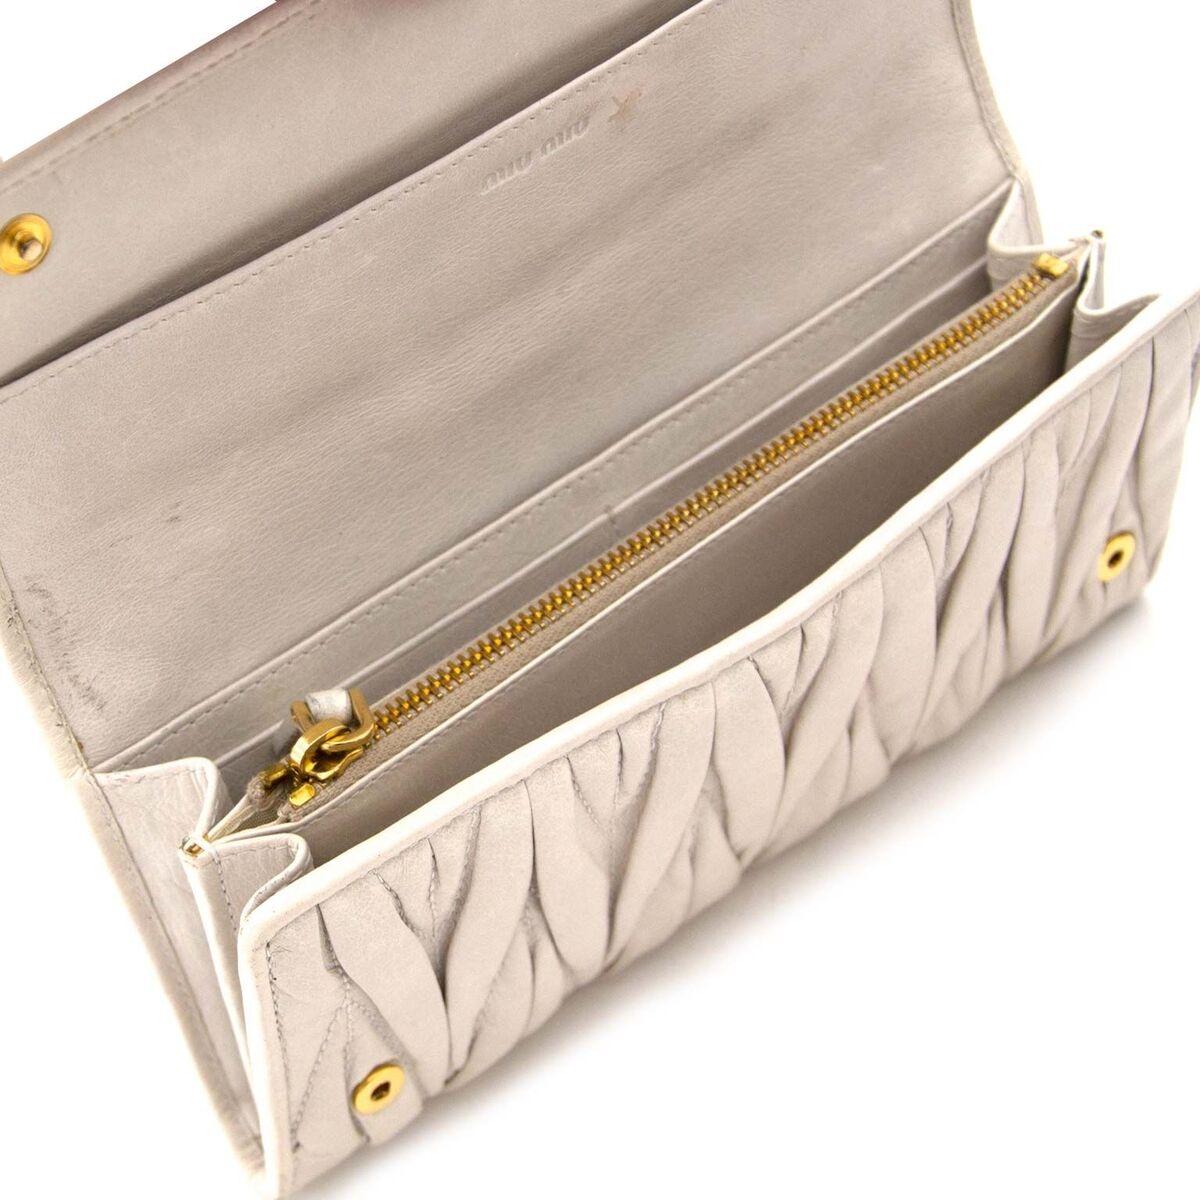 Koop authentieke tweedehands beige Miu Miu portefeuilles aan een eerlijke prijs bij LabelLOV. Veilig online shoppen.